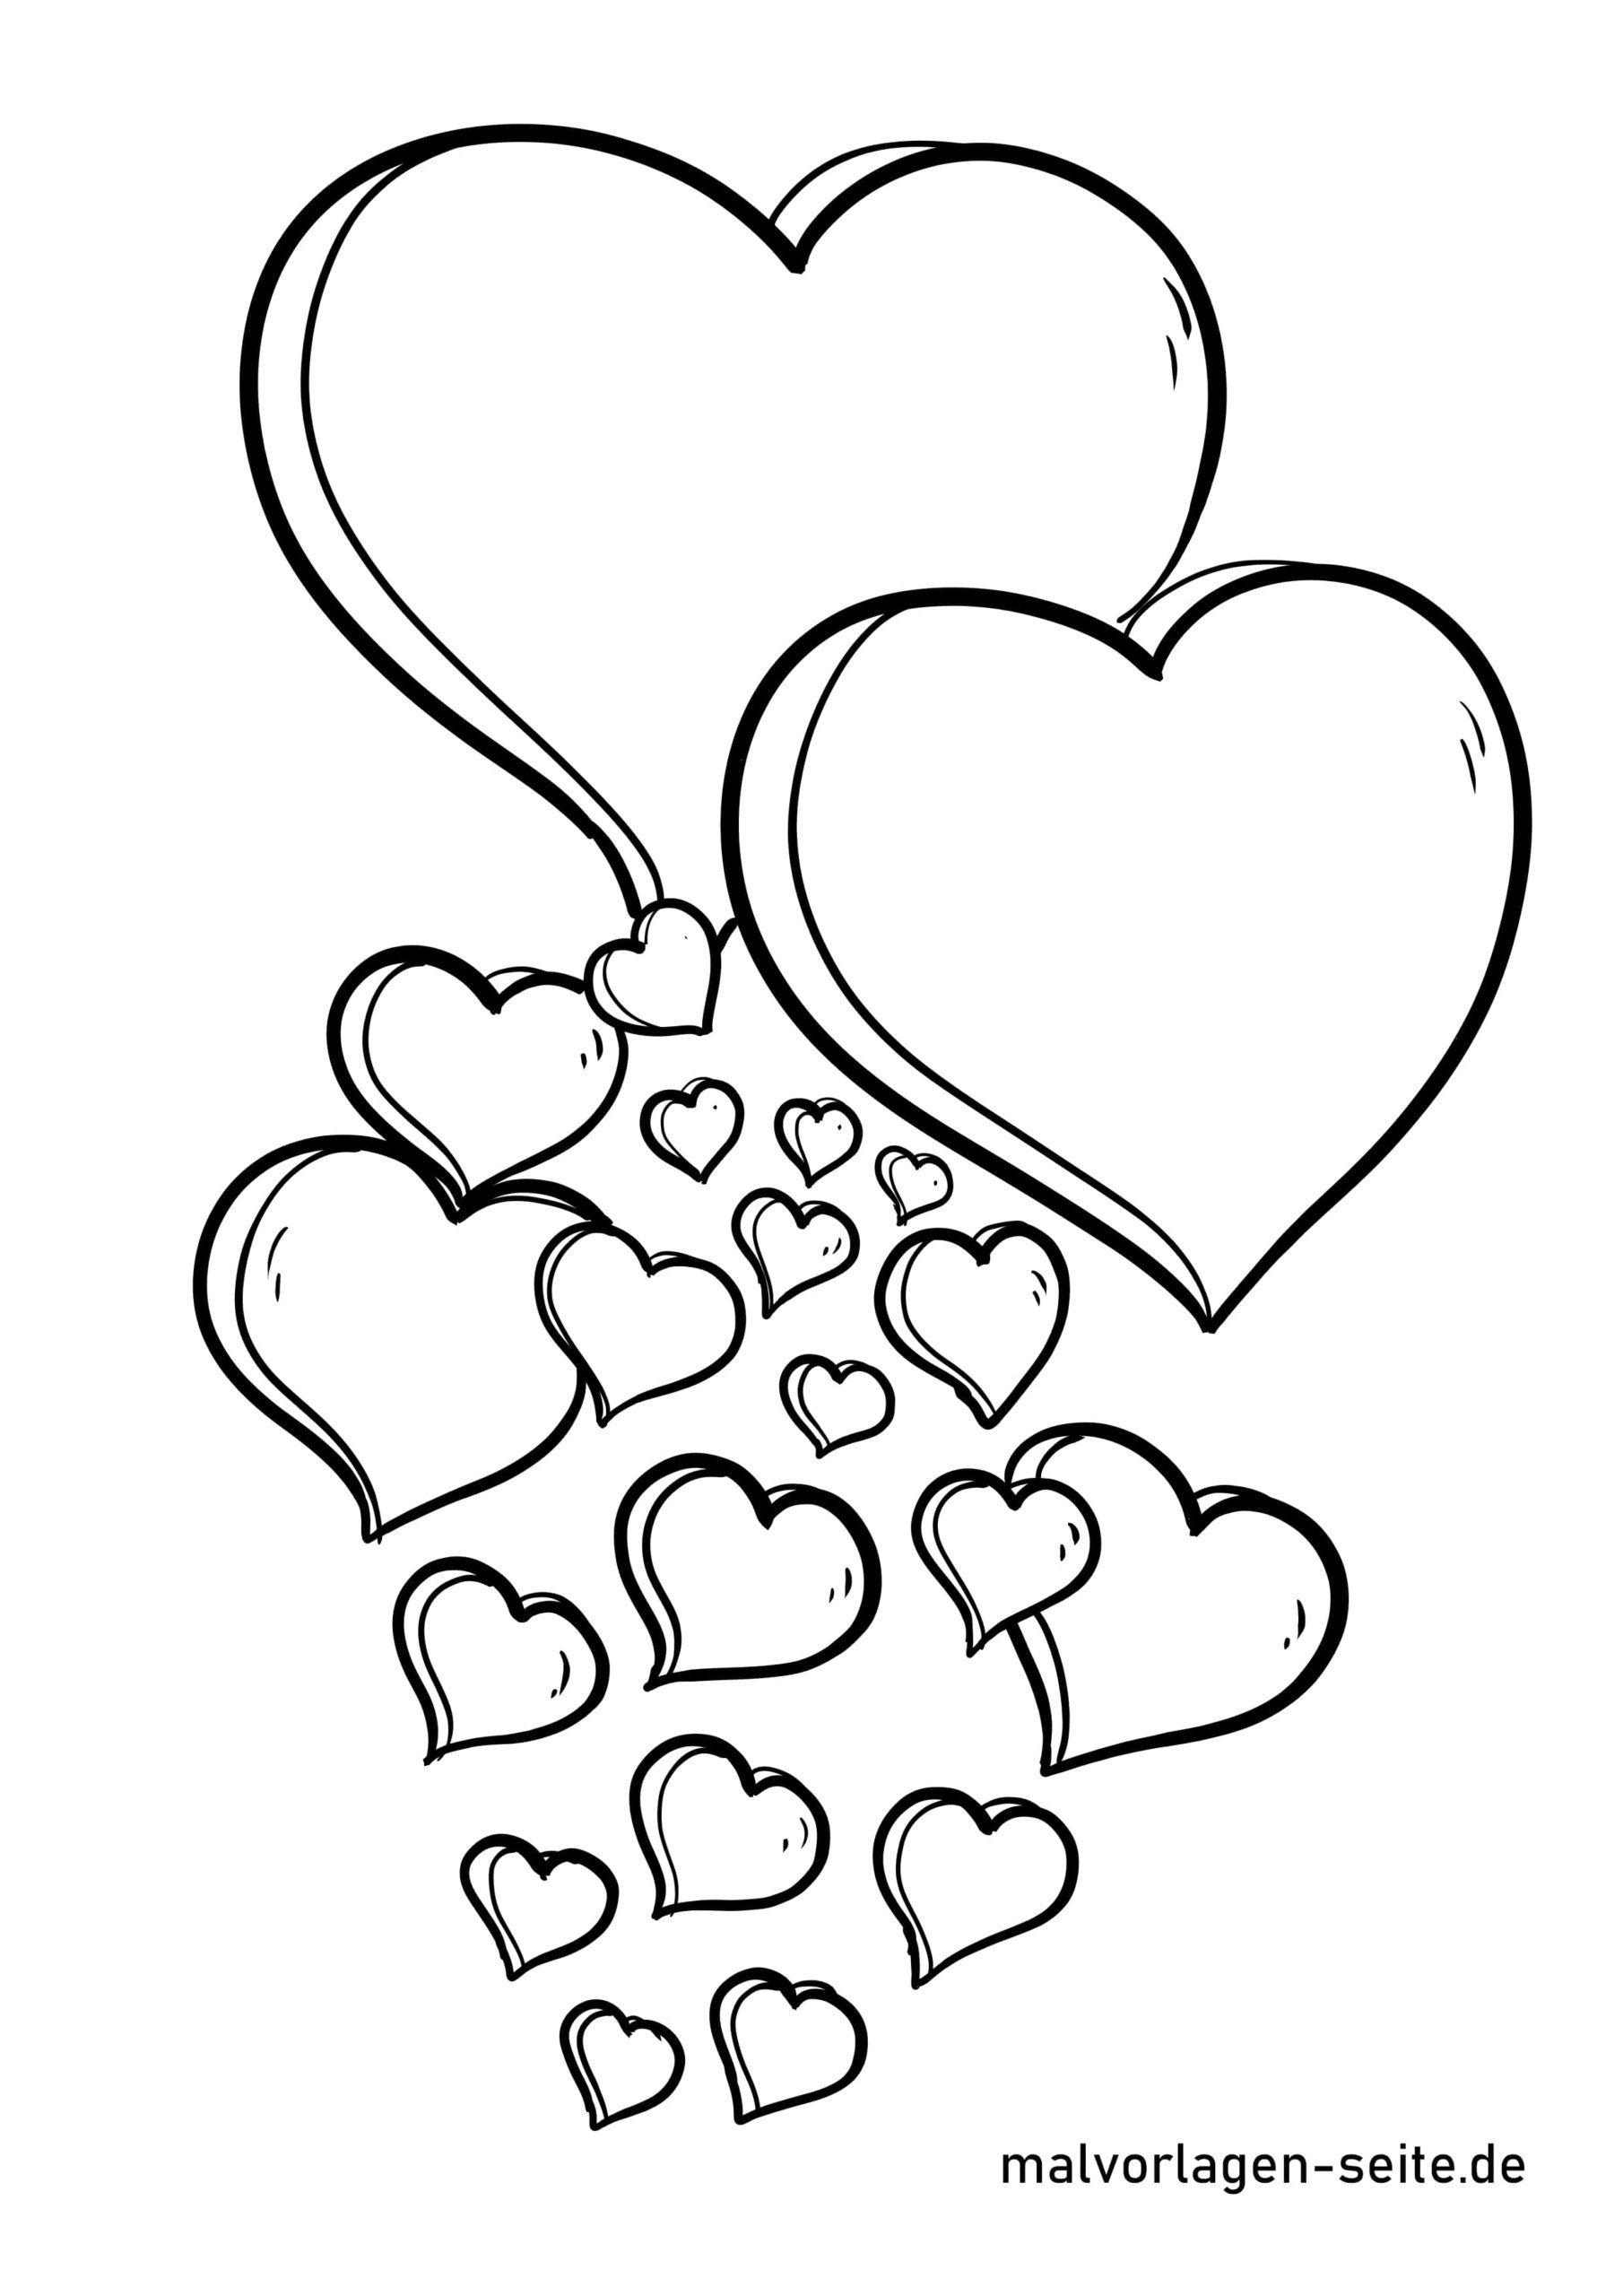 Malvorlage Herz - Ausmalbilder Kostenlos Herunterladen über Malvorlage Herz